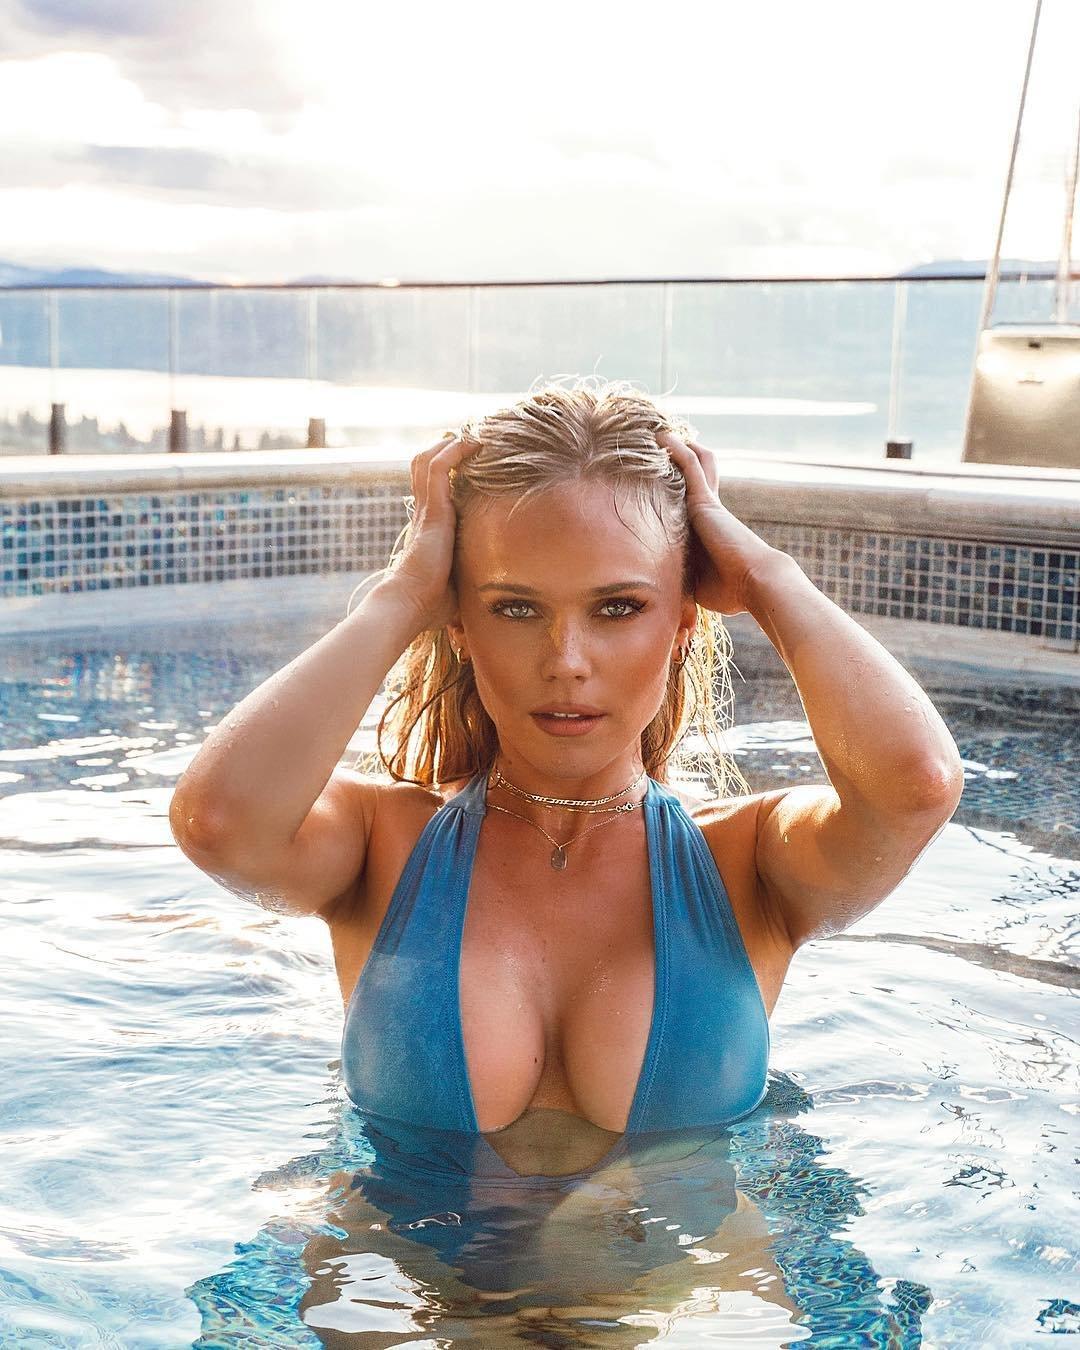 хильда осланд фото купальник бассейн